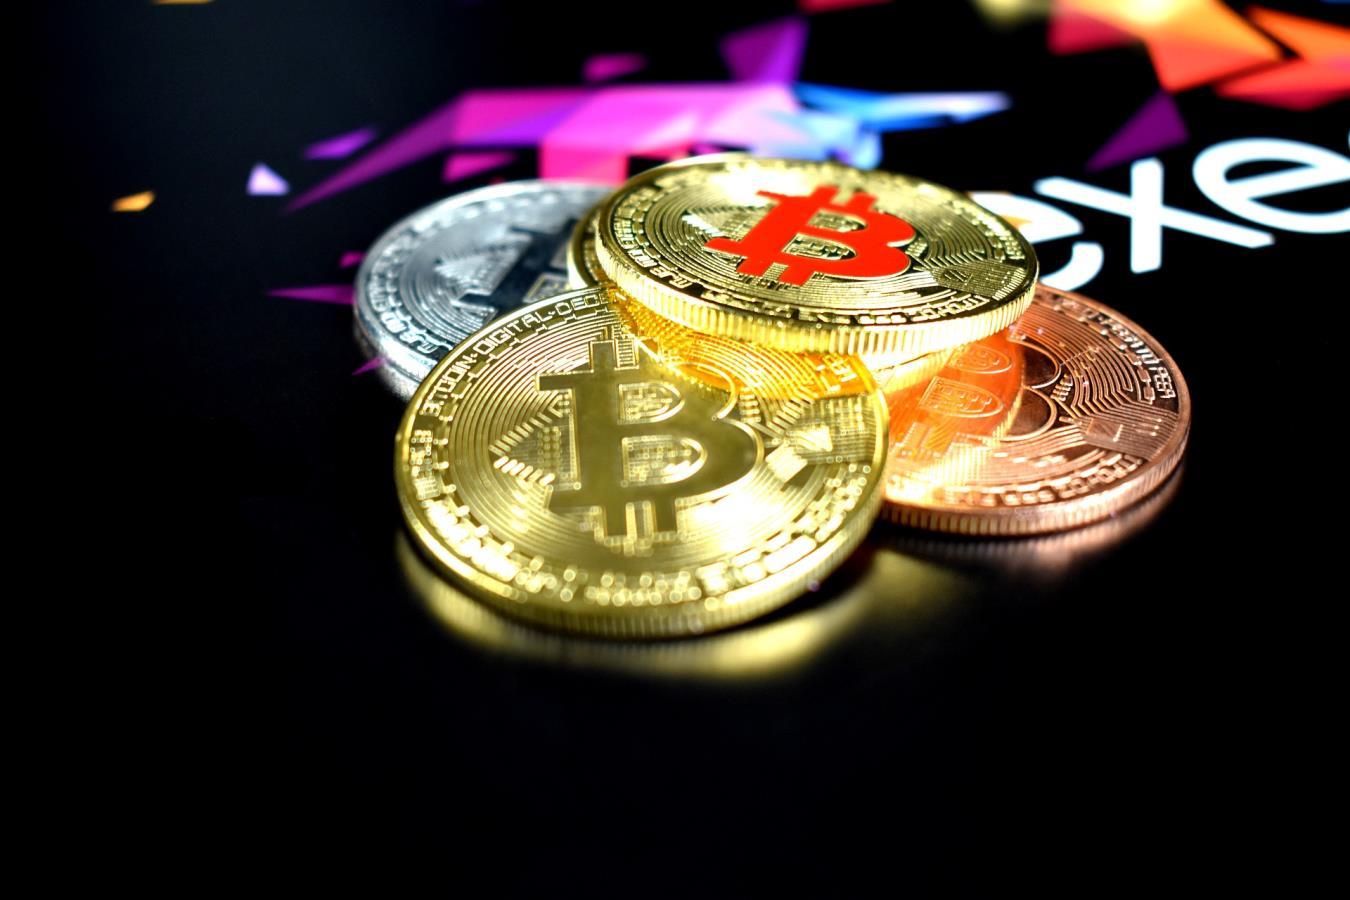 Correlazione tra borse (mercati finanziari) e criptovalute: esiste davvero?